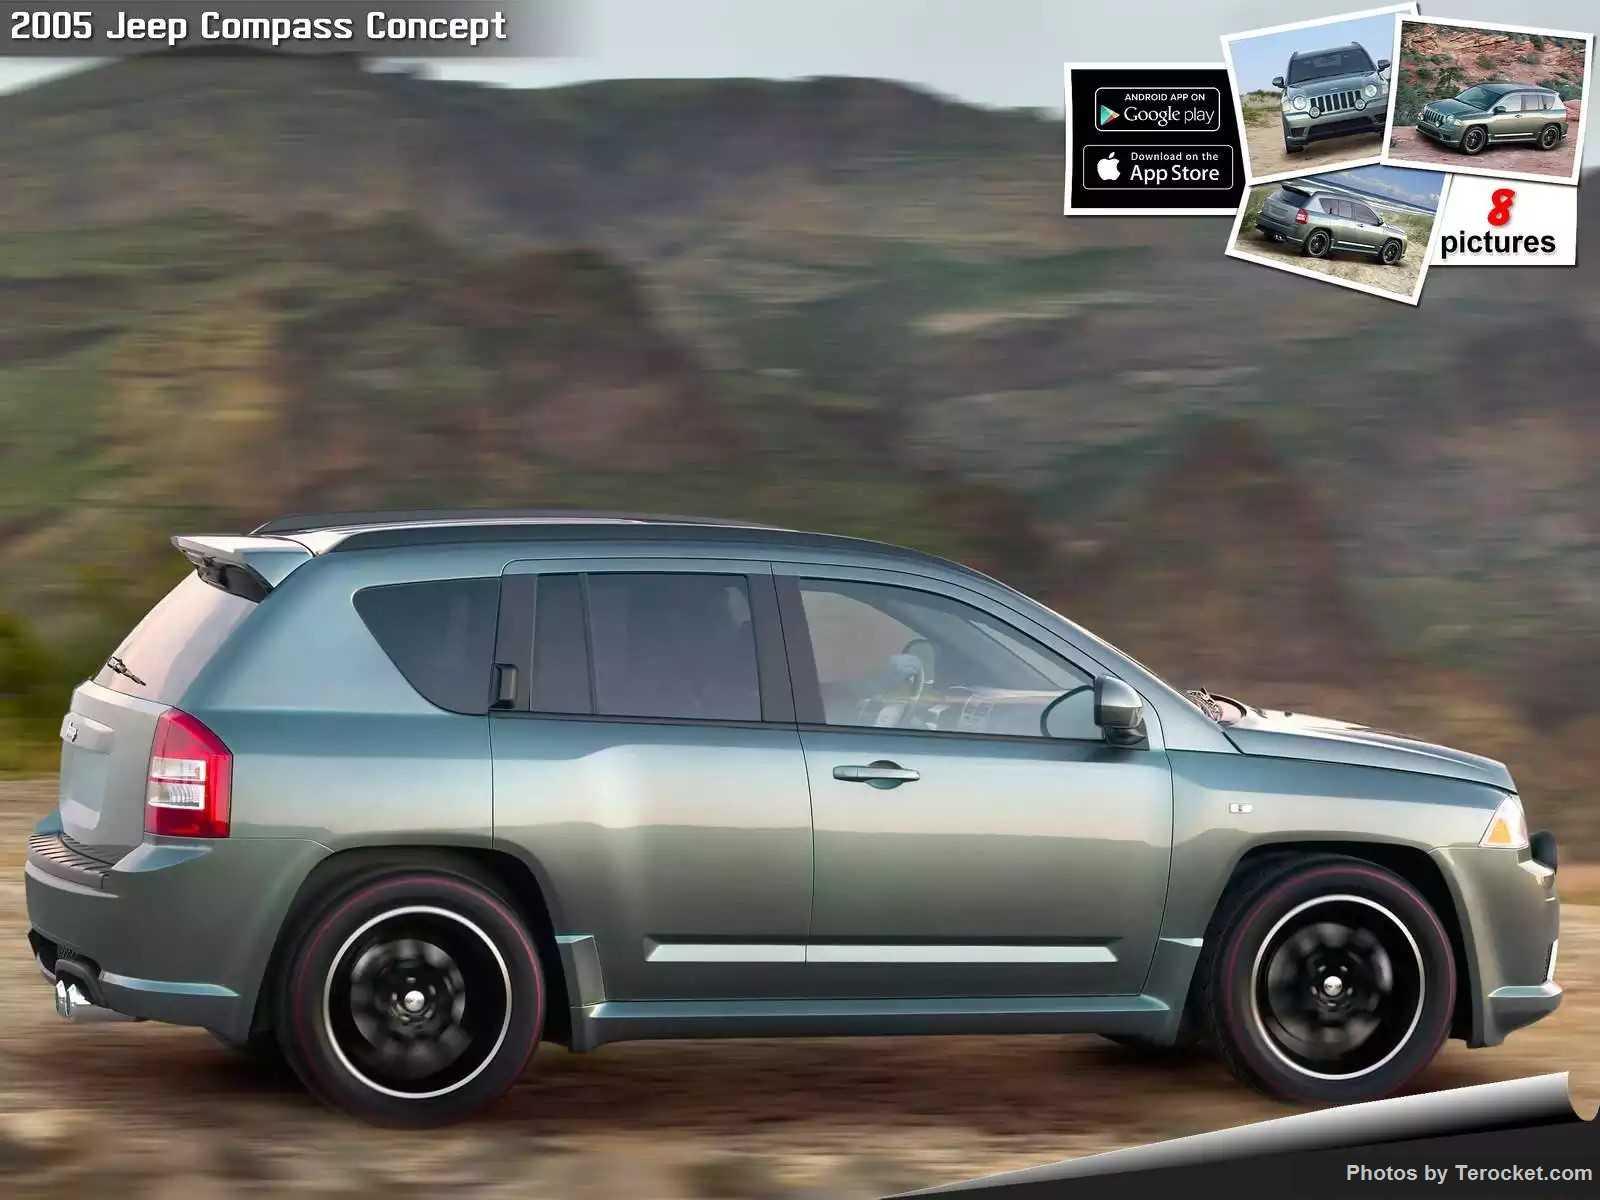 Hình ảnh xe ô tô Jeep Compass Concept 2005 & nội ngoại thất